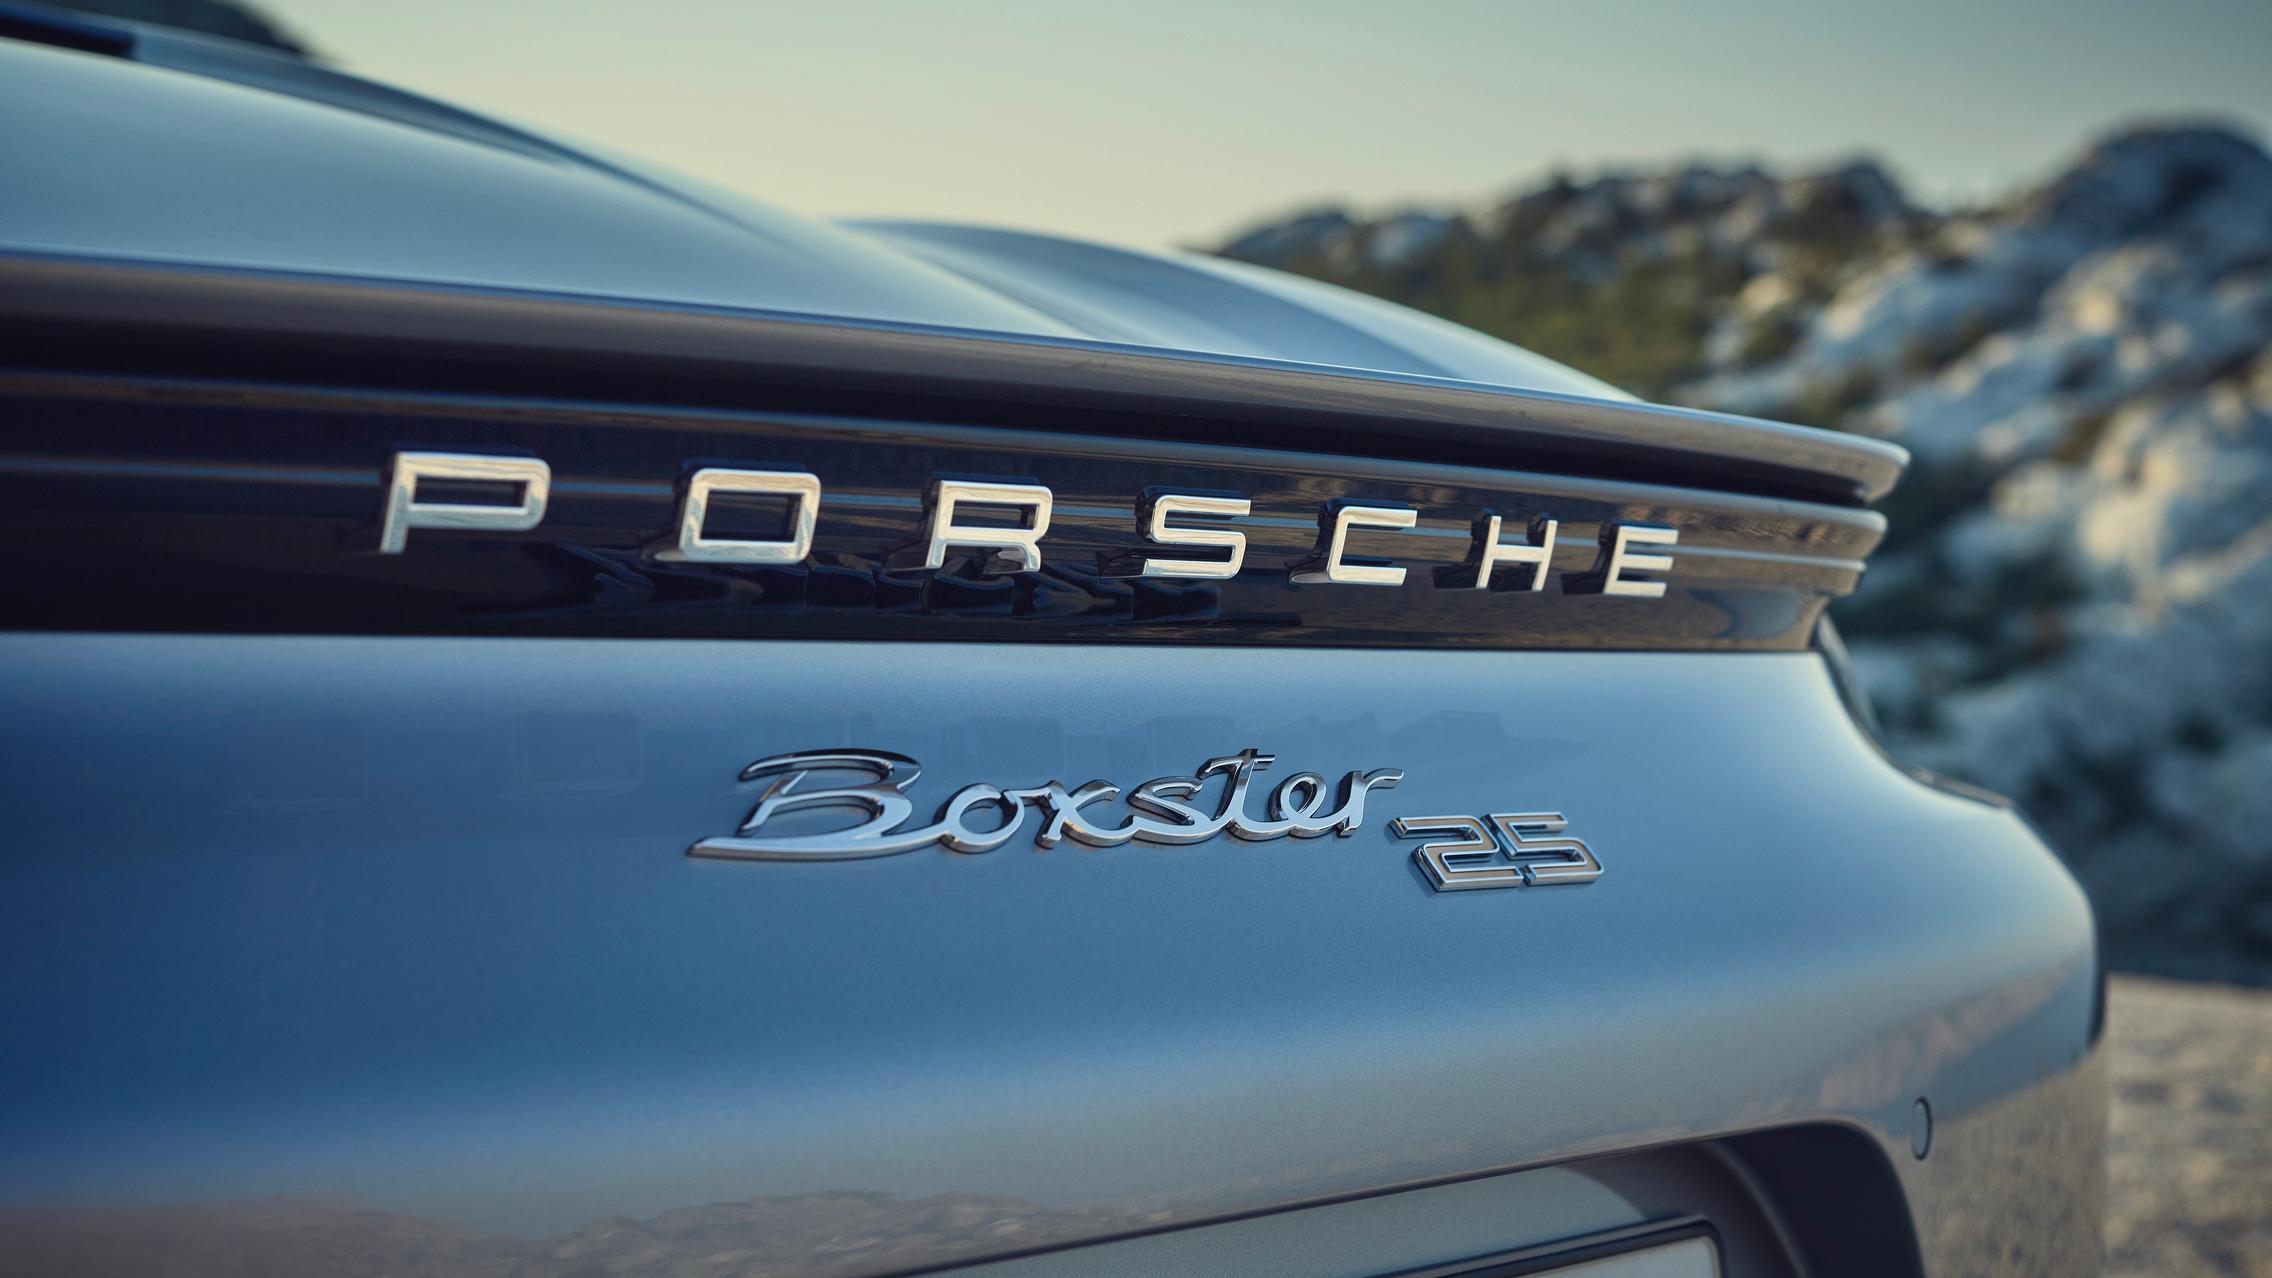 Porsche Boxster Rear Badge